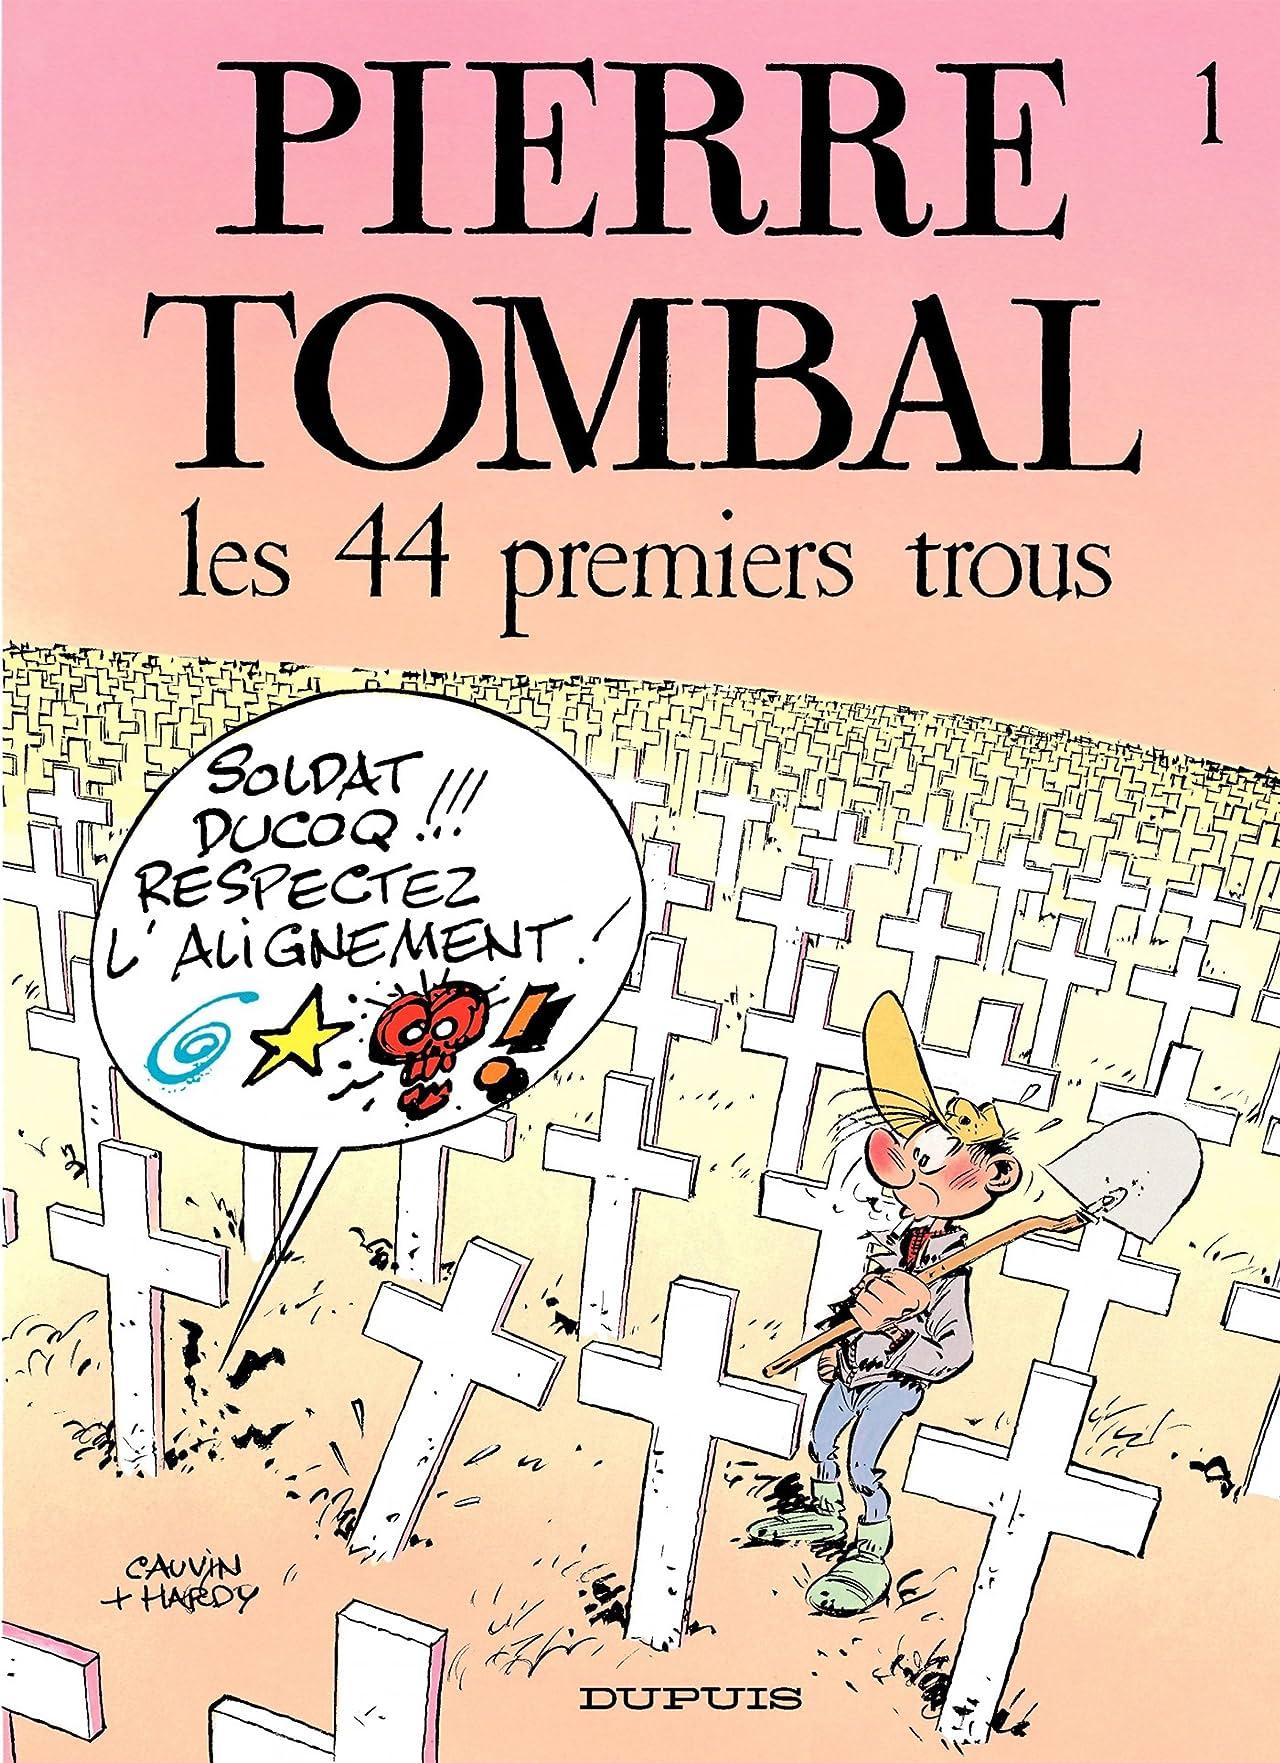 Pierre Tombal Vol. 1: Les 44 premiers trous